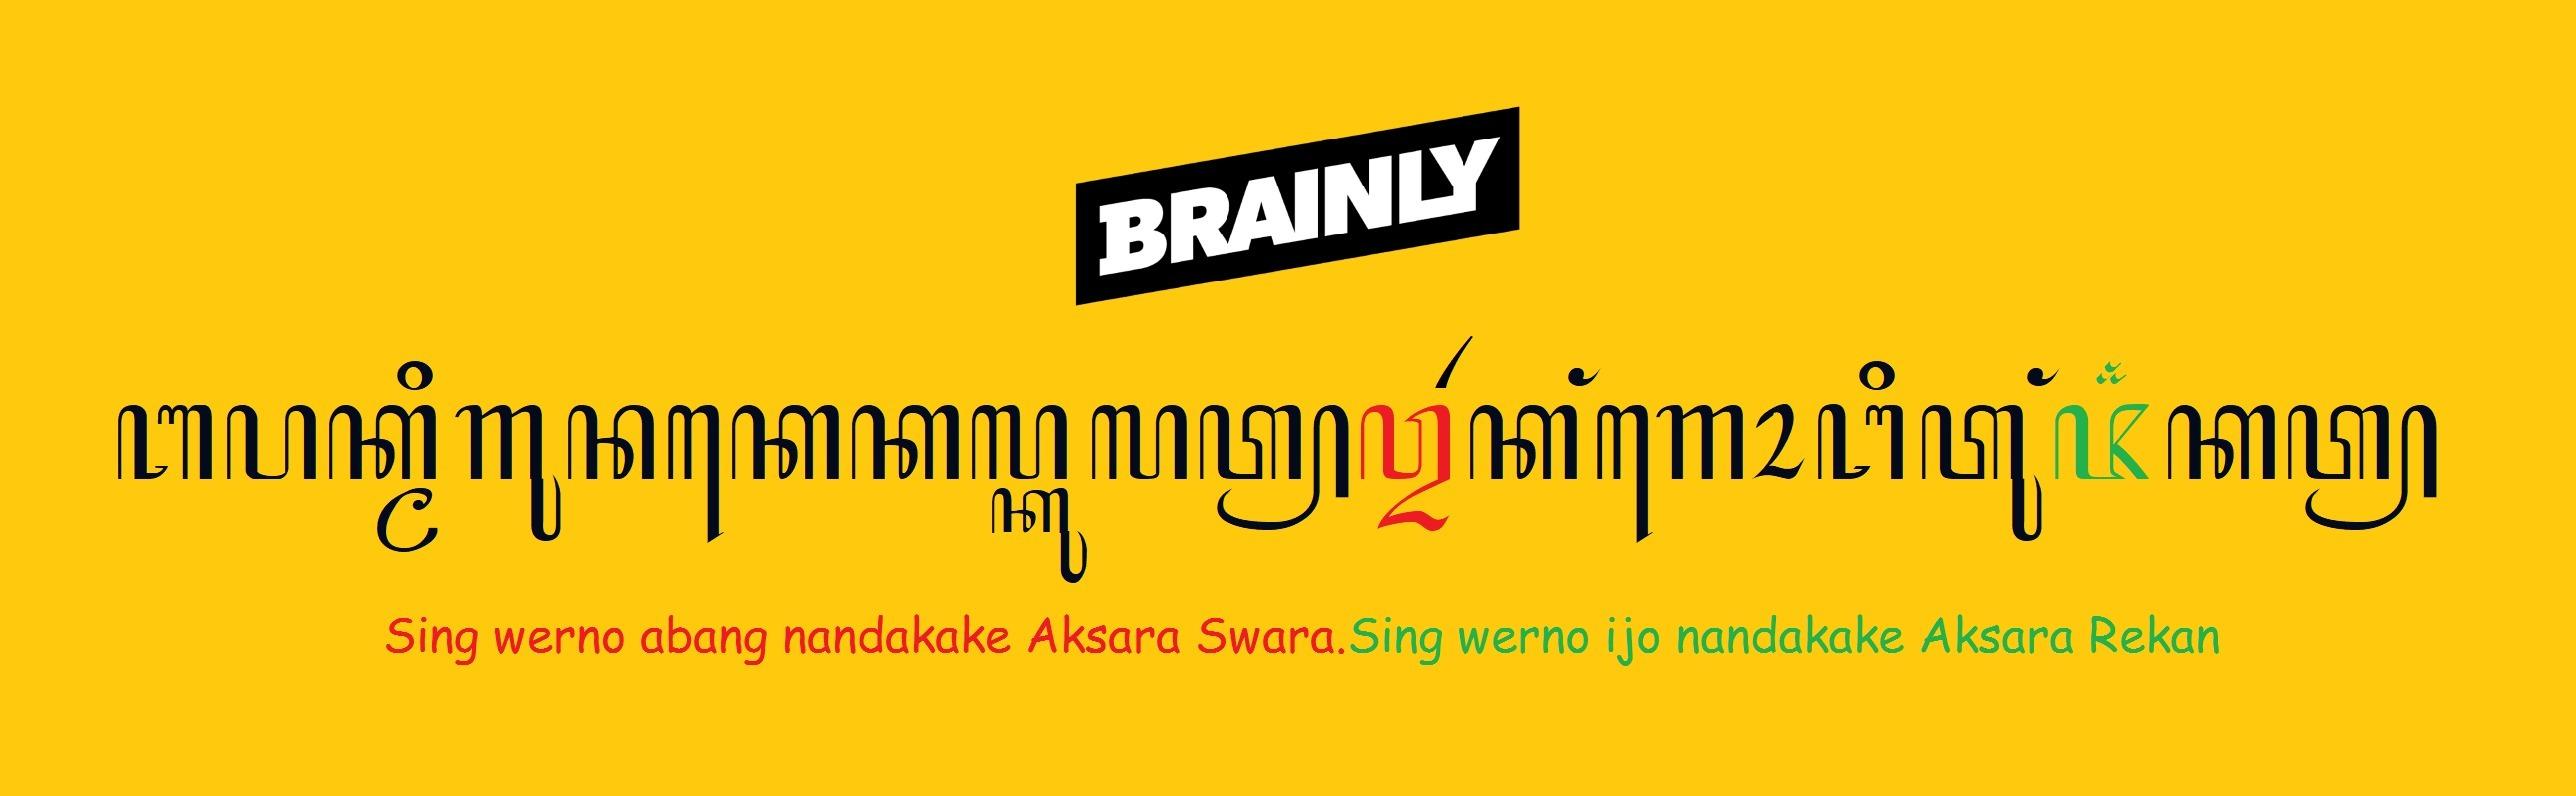 Tuliskan Contoh Kalimat Dari Aksara Rekan Dan Aksara Swara Brainly